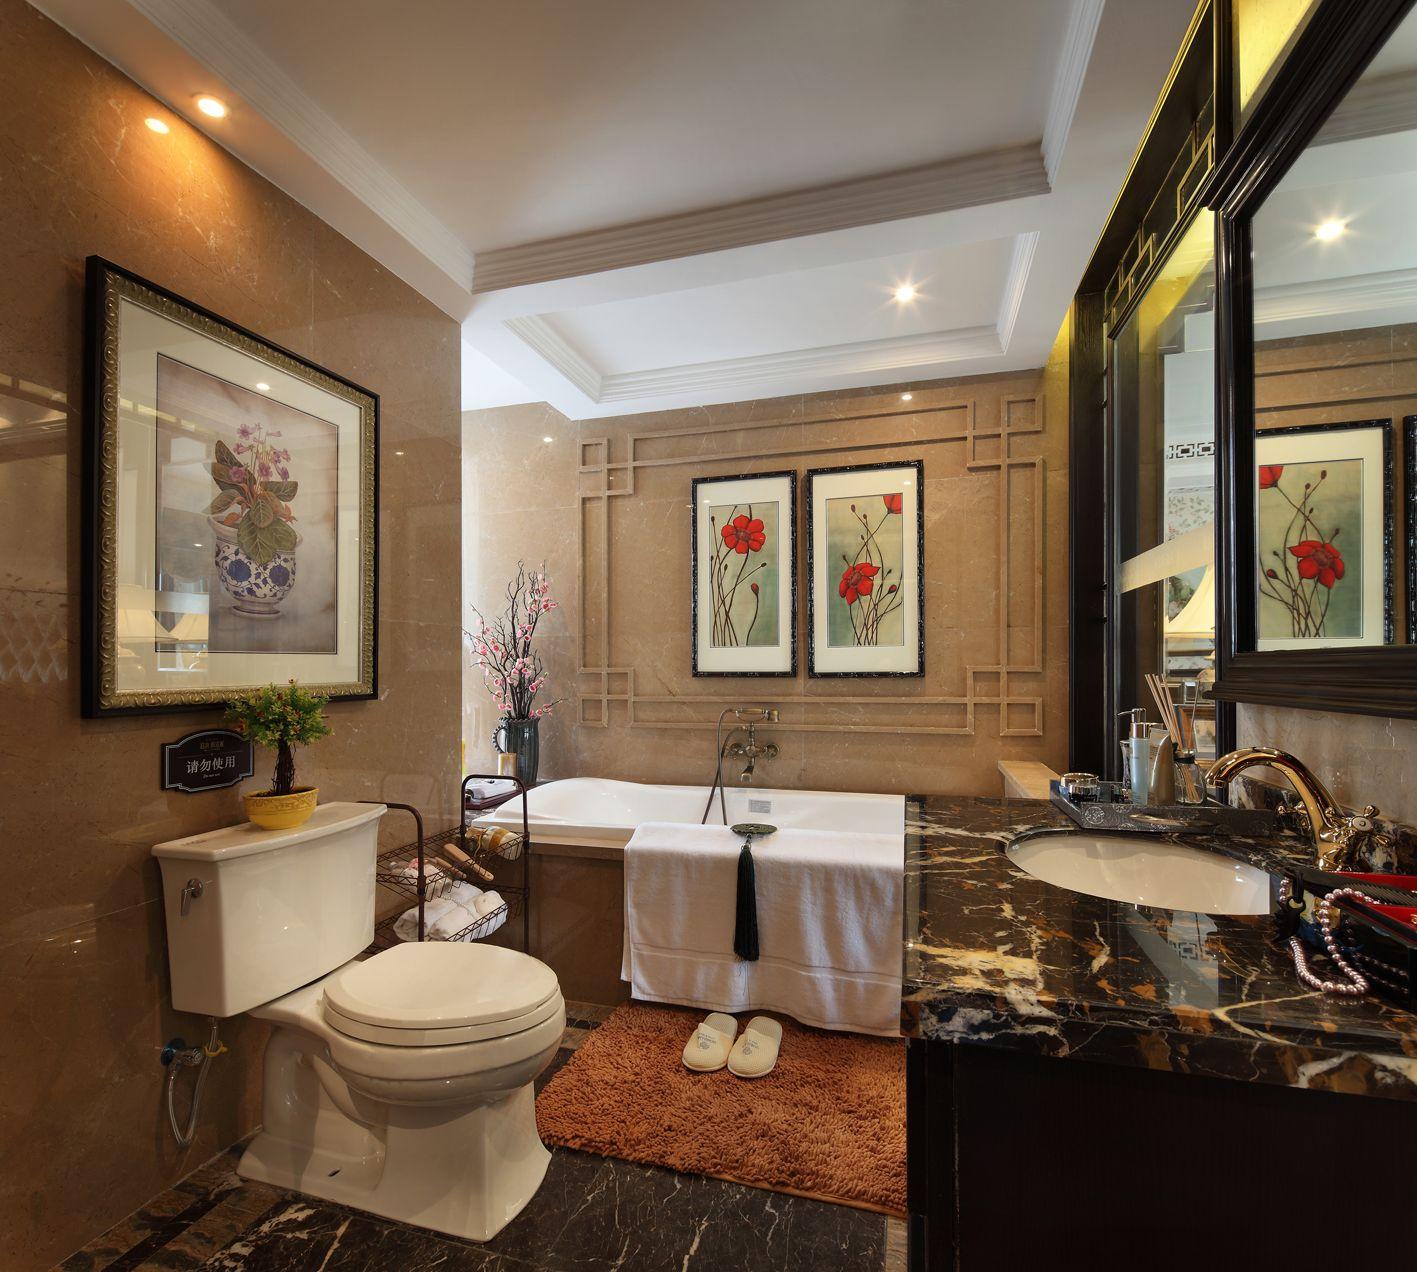 主卫空间也比较大,浴缸是女主人特意要求的,即使生活忙忙碌碌,也要懂得放松自己。